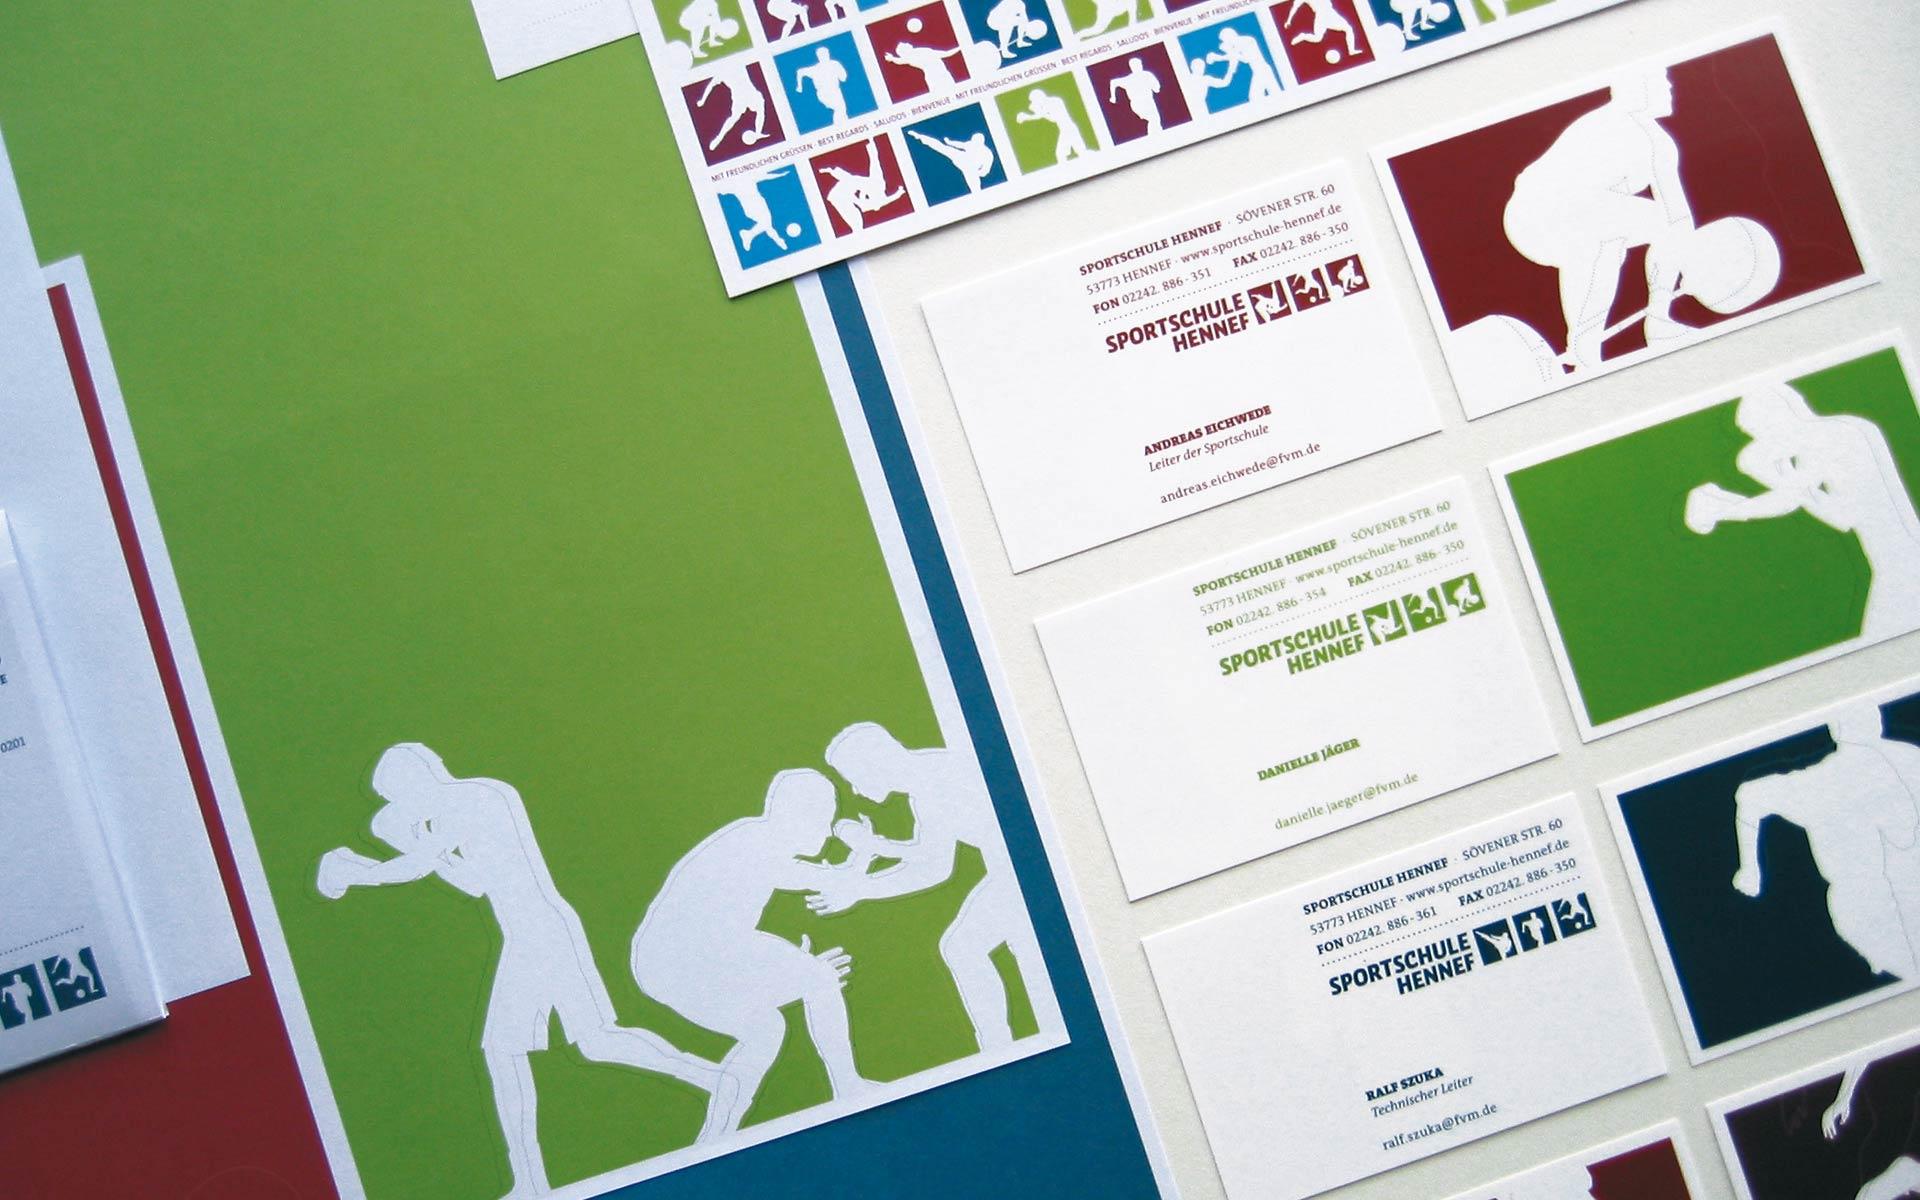 Sportschule Hennef Corporate Design, Geschäftsausstattung, Visitenkarten und Briefbogen